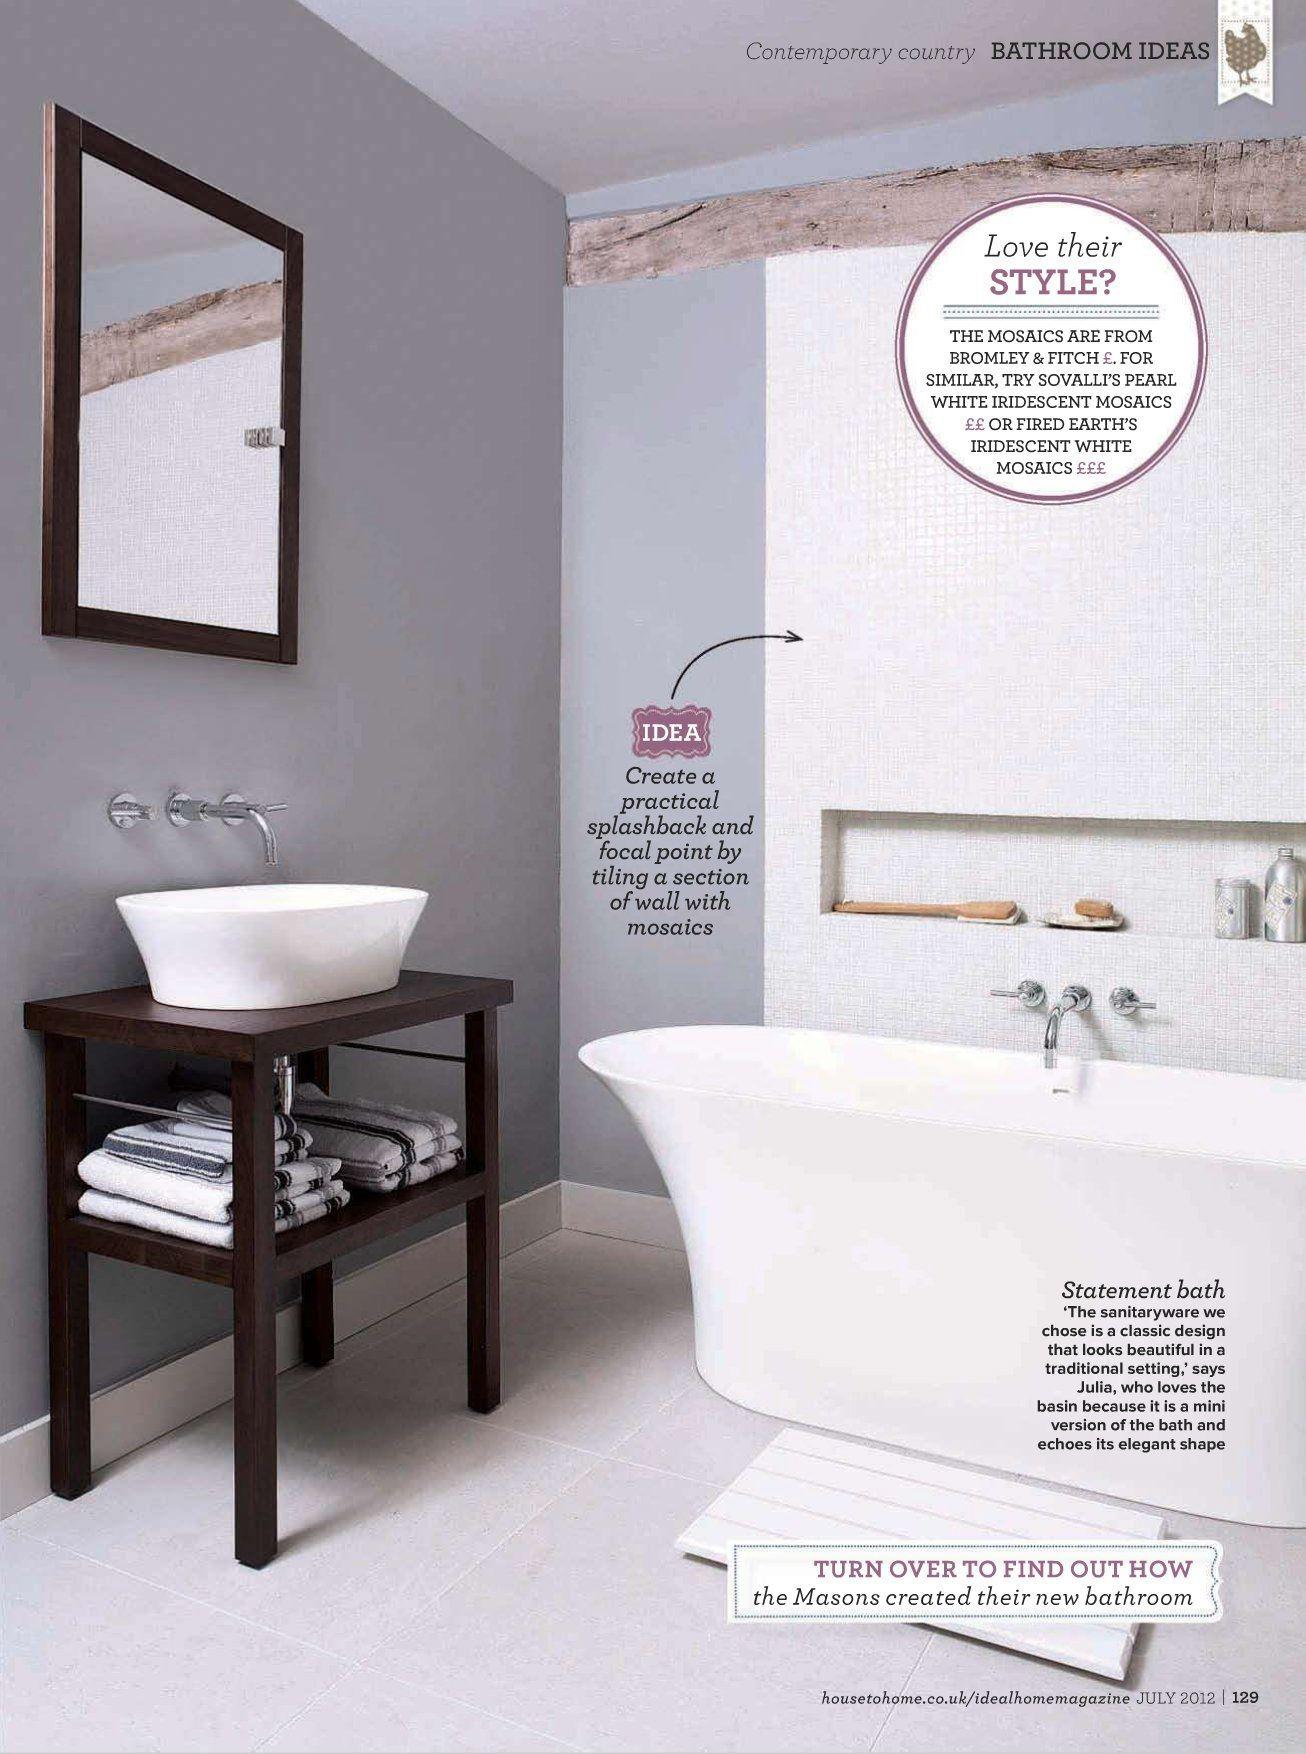 grey bathroom   Bathroom ideas   Pinterest   Grey bathrooms and House